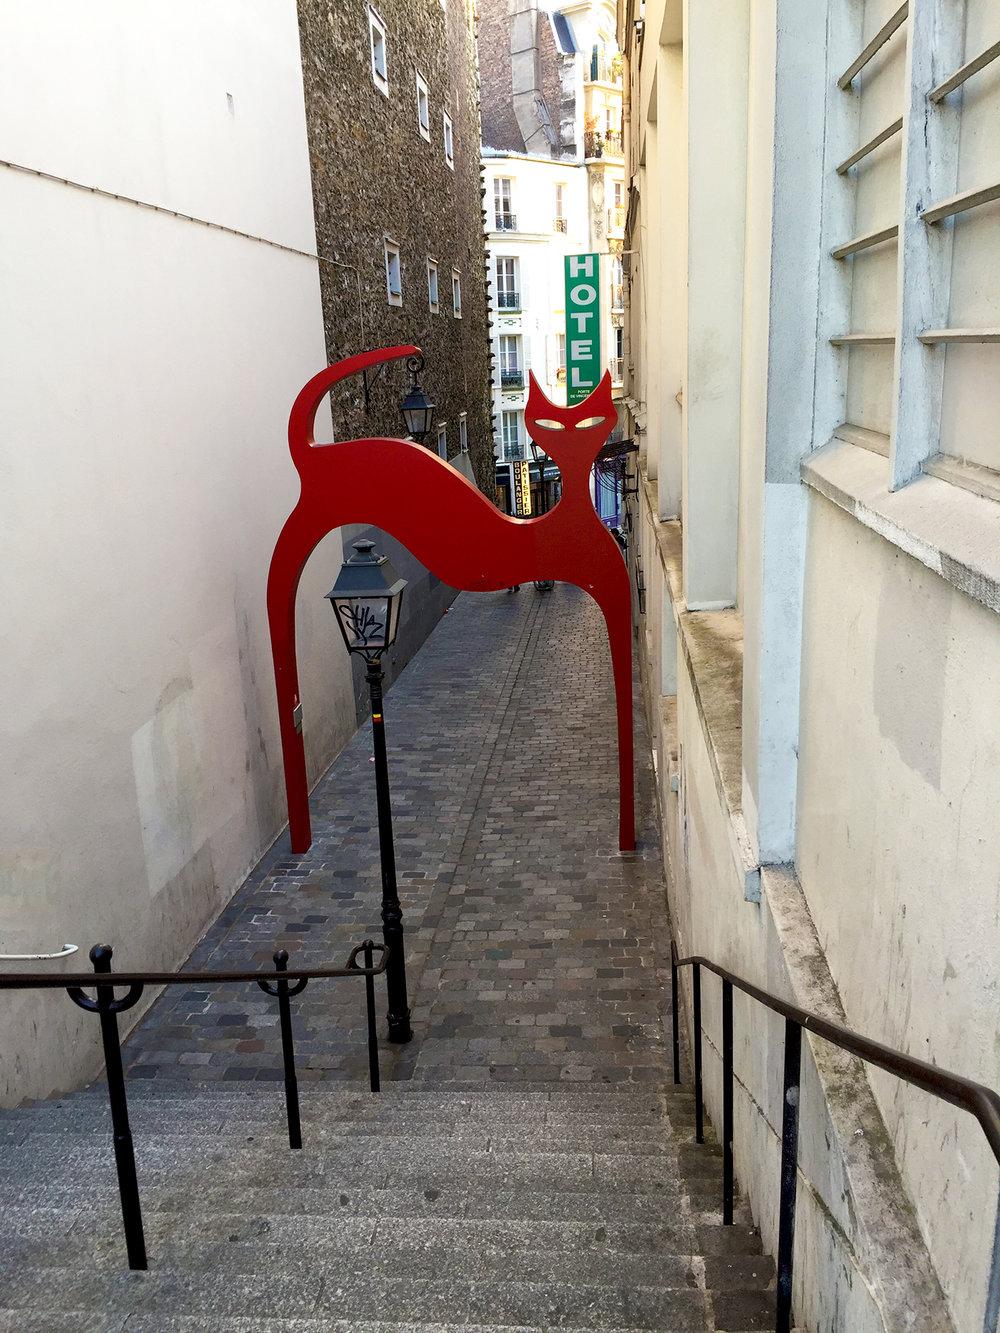 Passage de la Voûte in the 12th arrondissement. It really should be renamed Passage du Chat, don't you think?